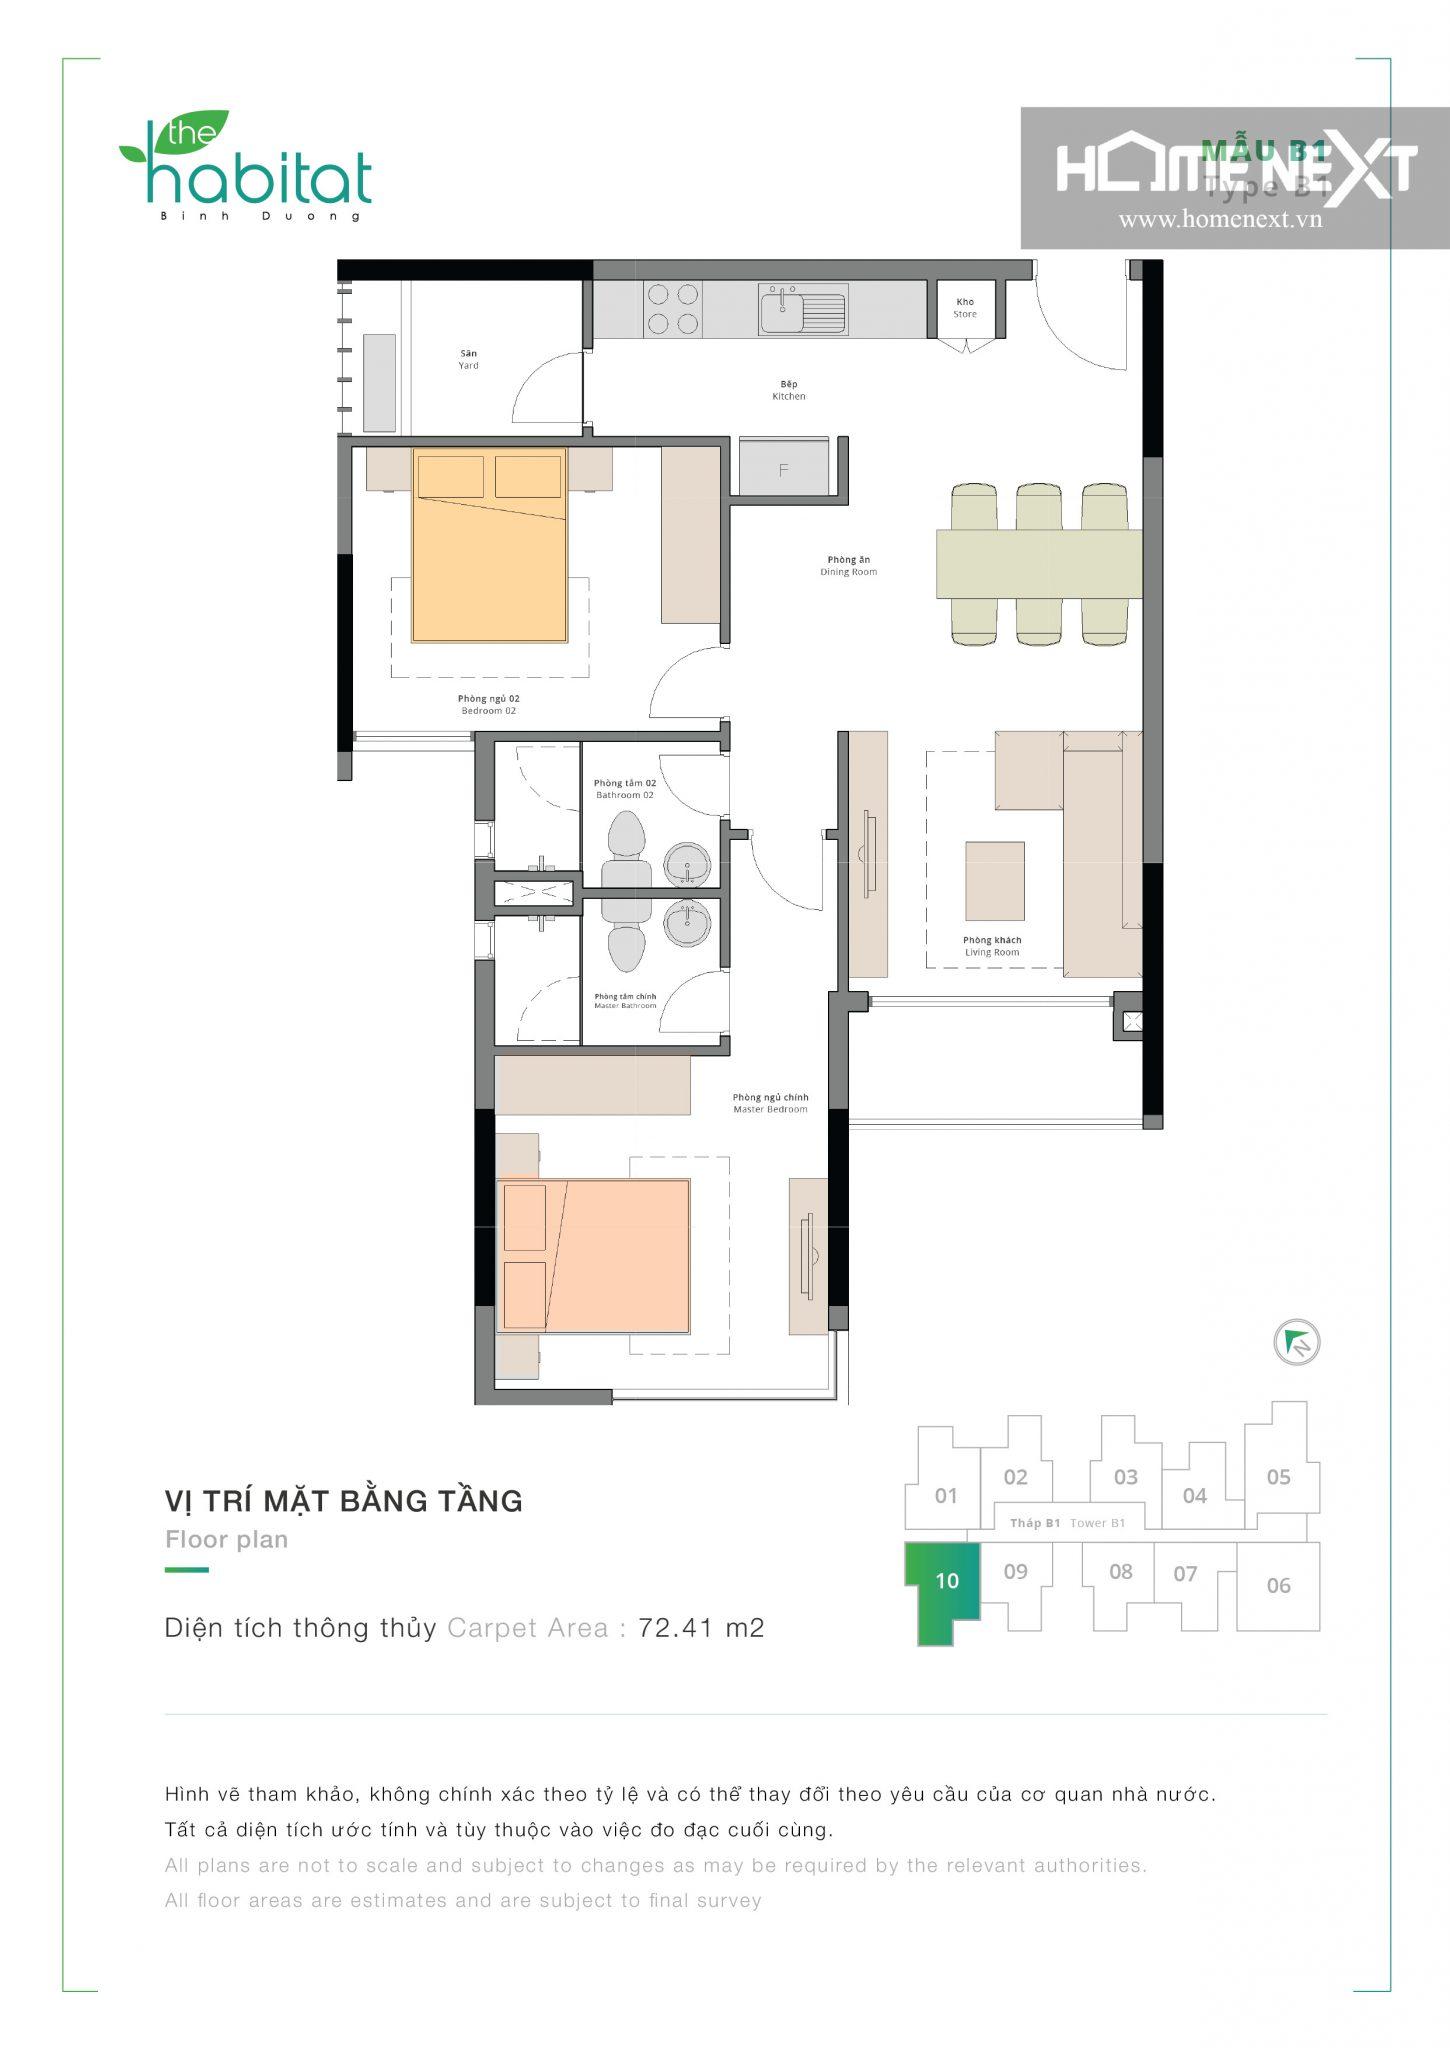 cho thuê căn hộ the habitat 2 phòng ngủ